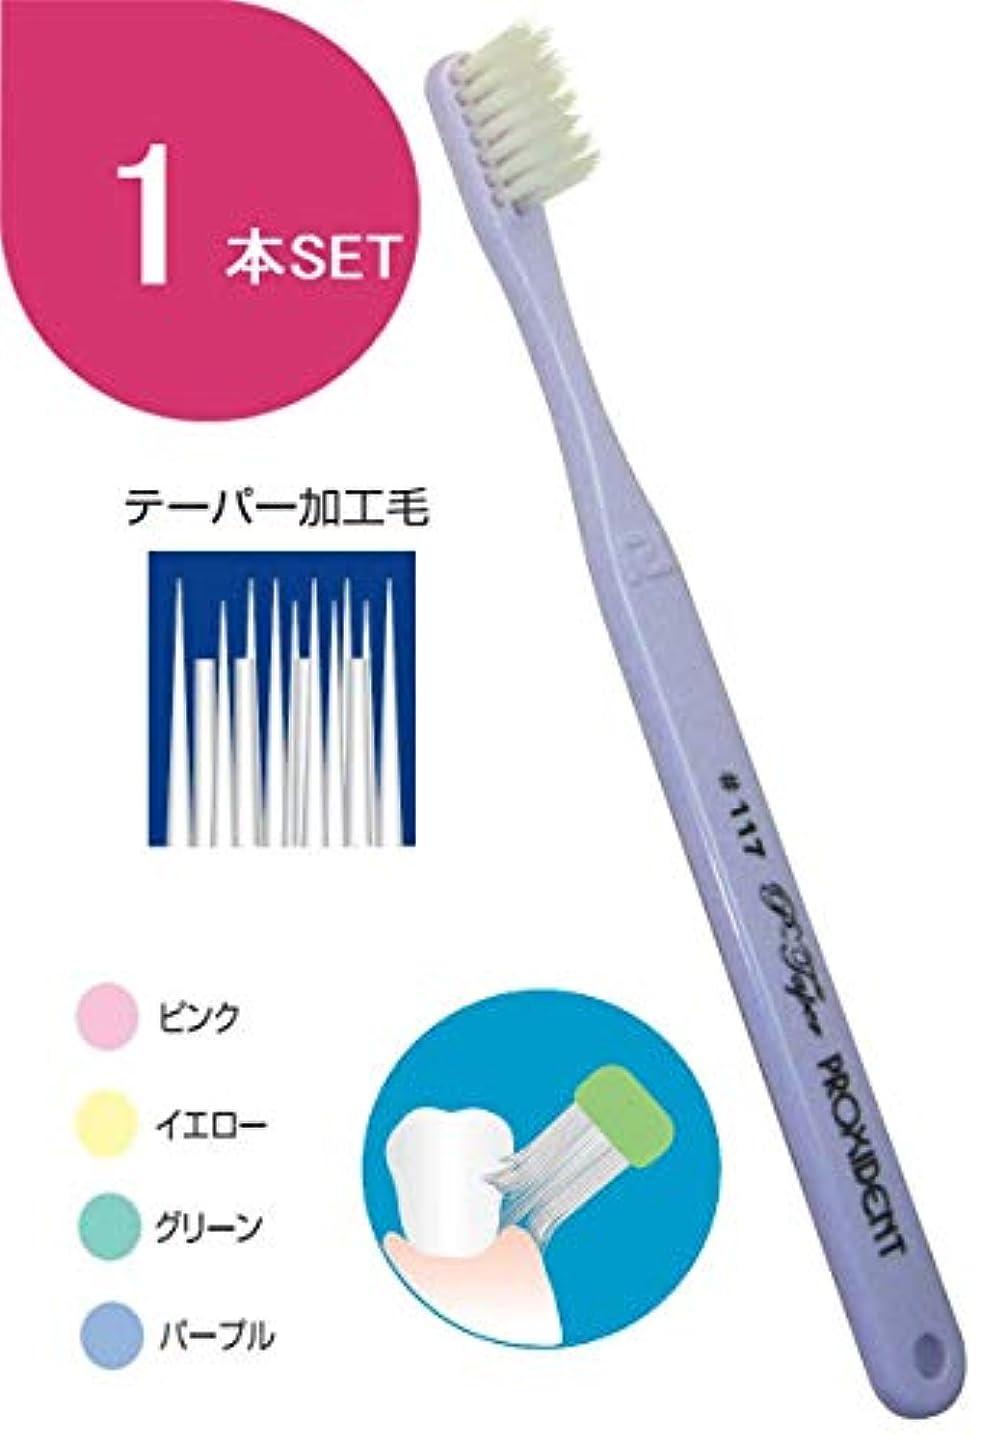 プローデント プロキシデント コンパクトヘッド ピーテーパー 歯ブラシ #117 (1本)